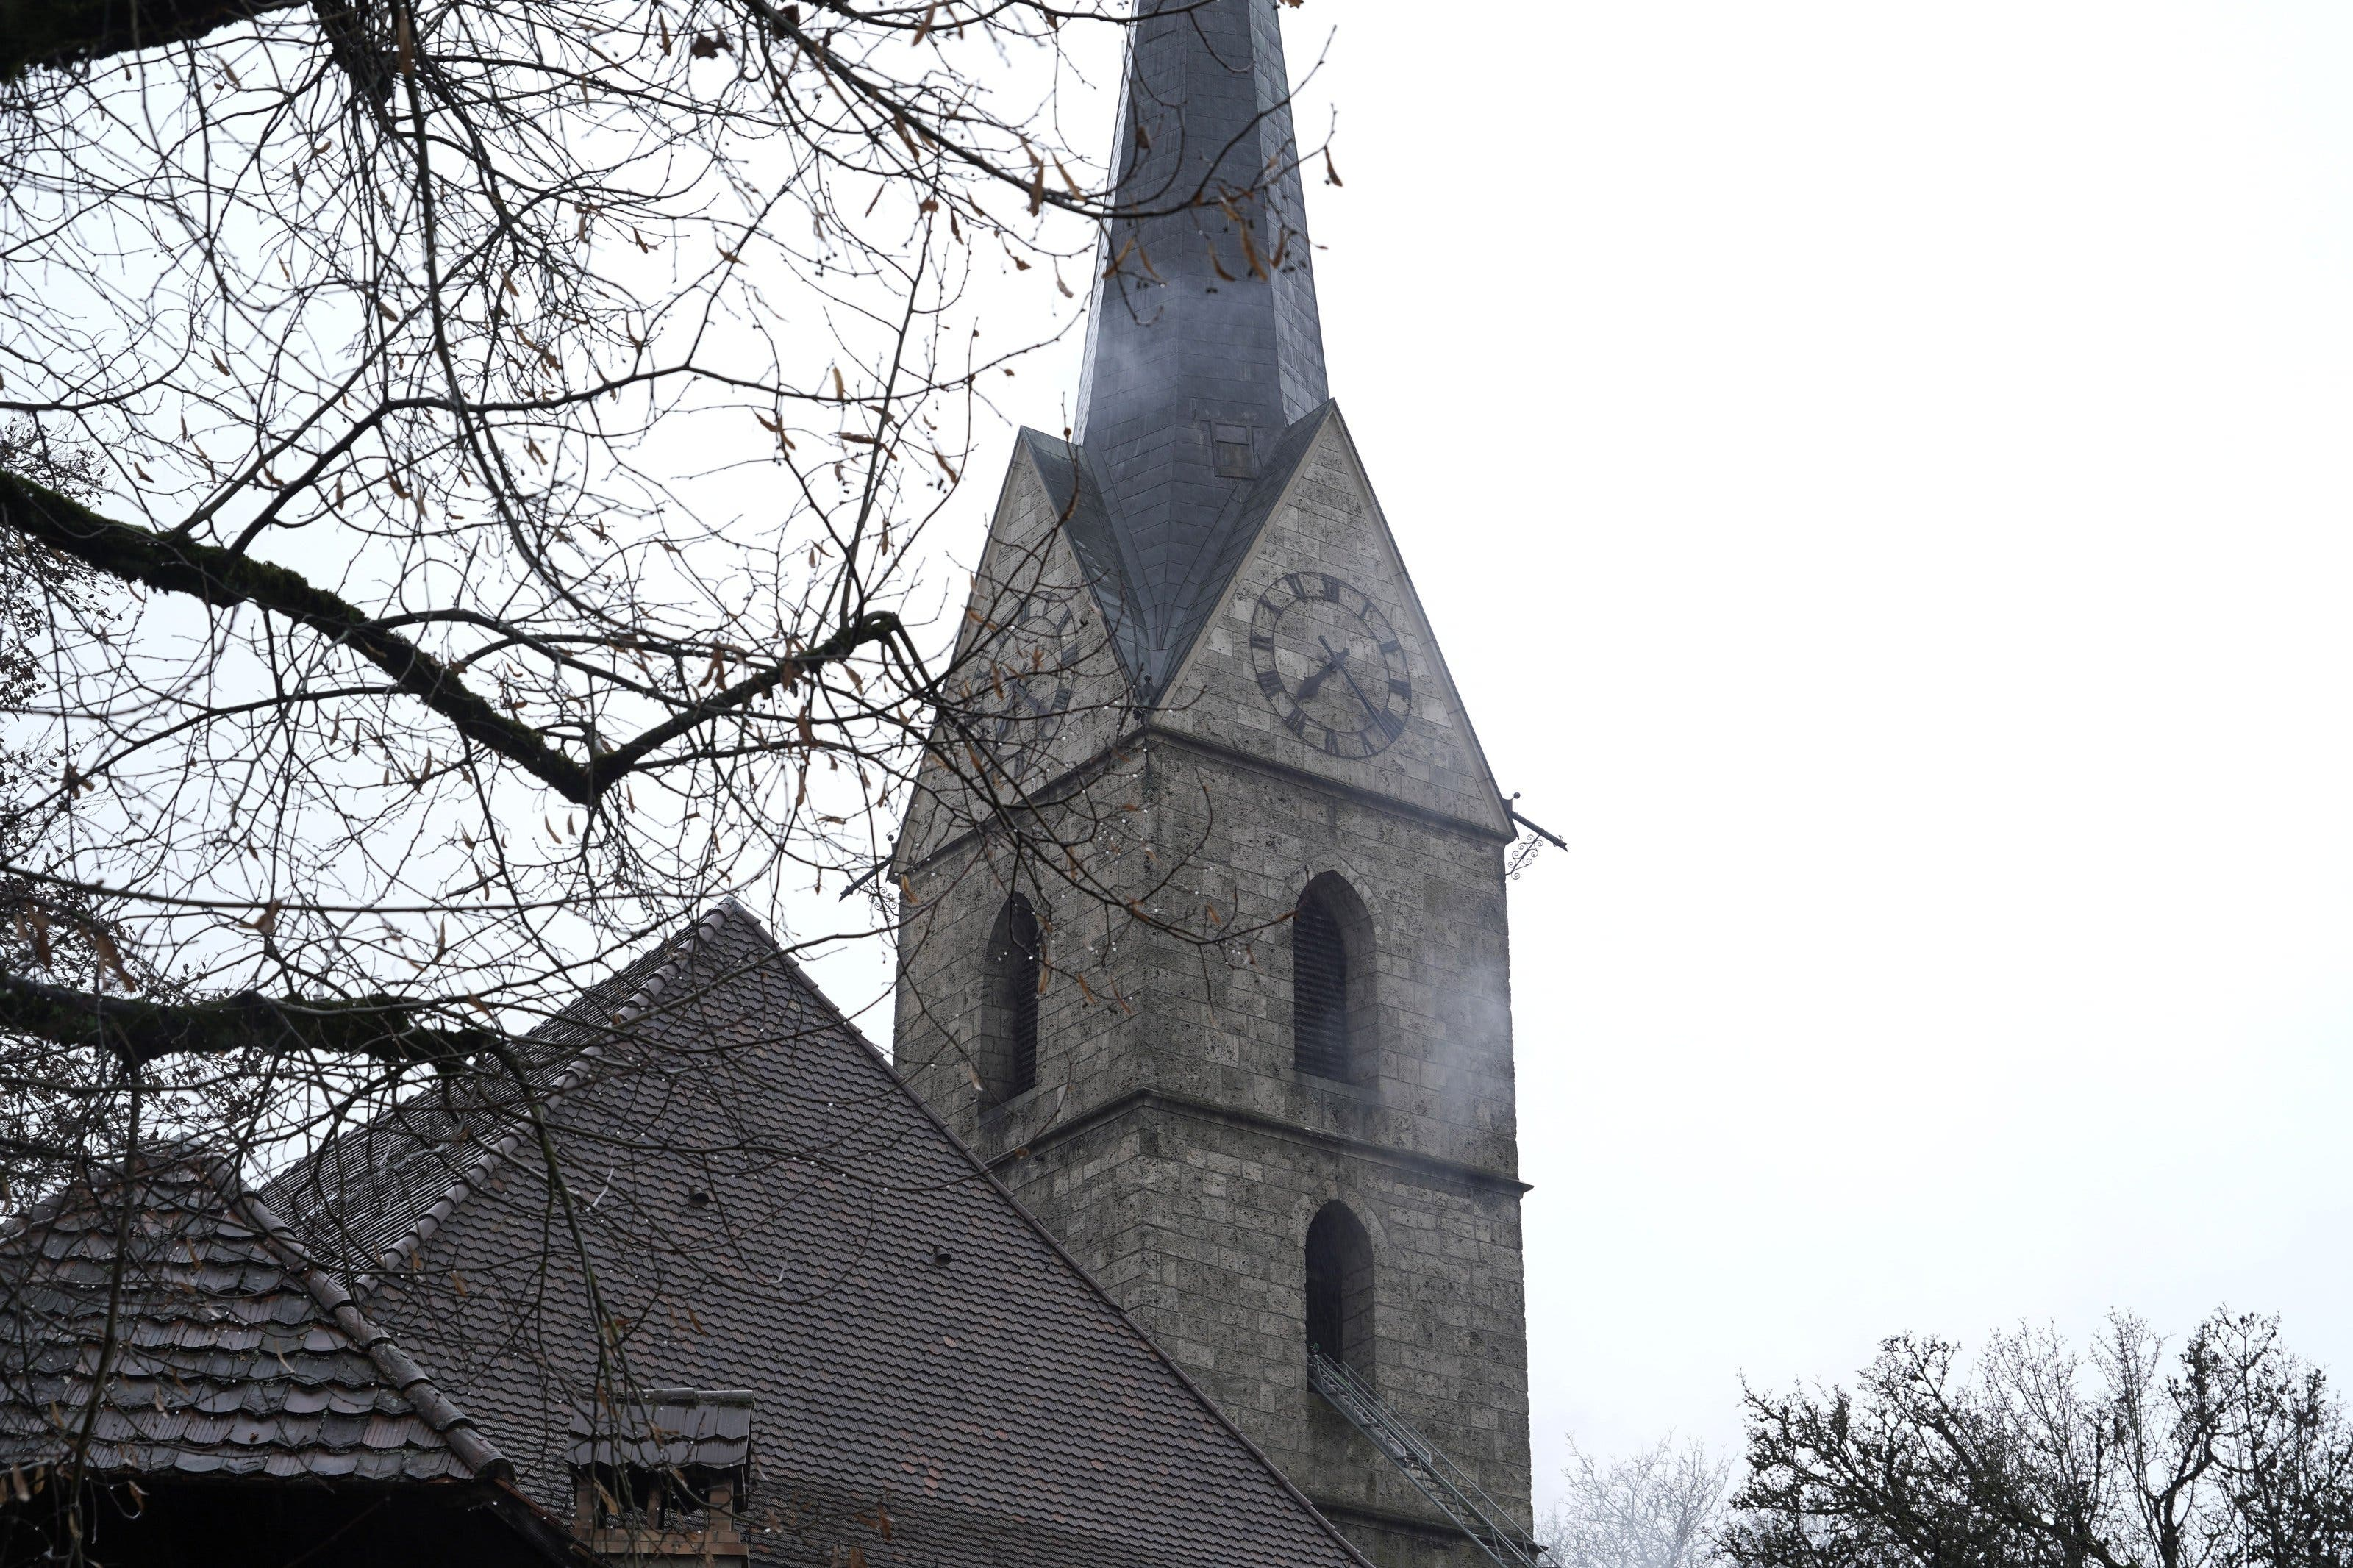 Der Turm der reformierten Kirche in Herzogenbuchsee BE brennt am 24. Dezember 2019 (Bild: keystone)